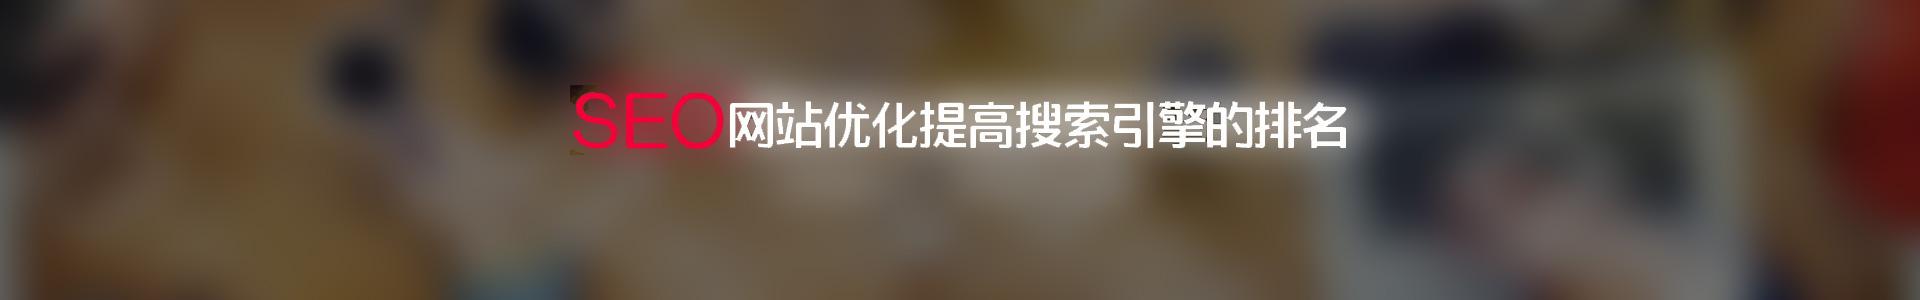 中瑞科技官网